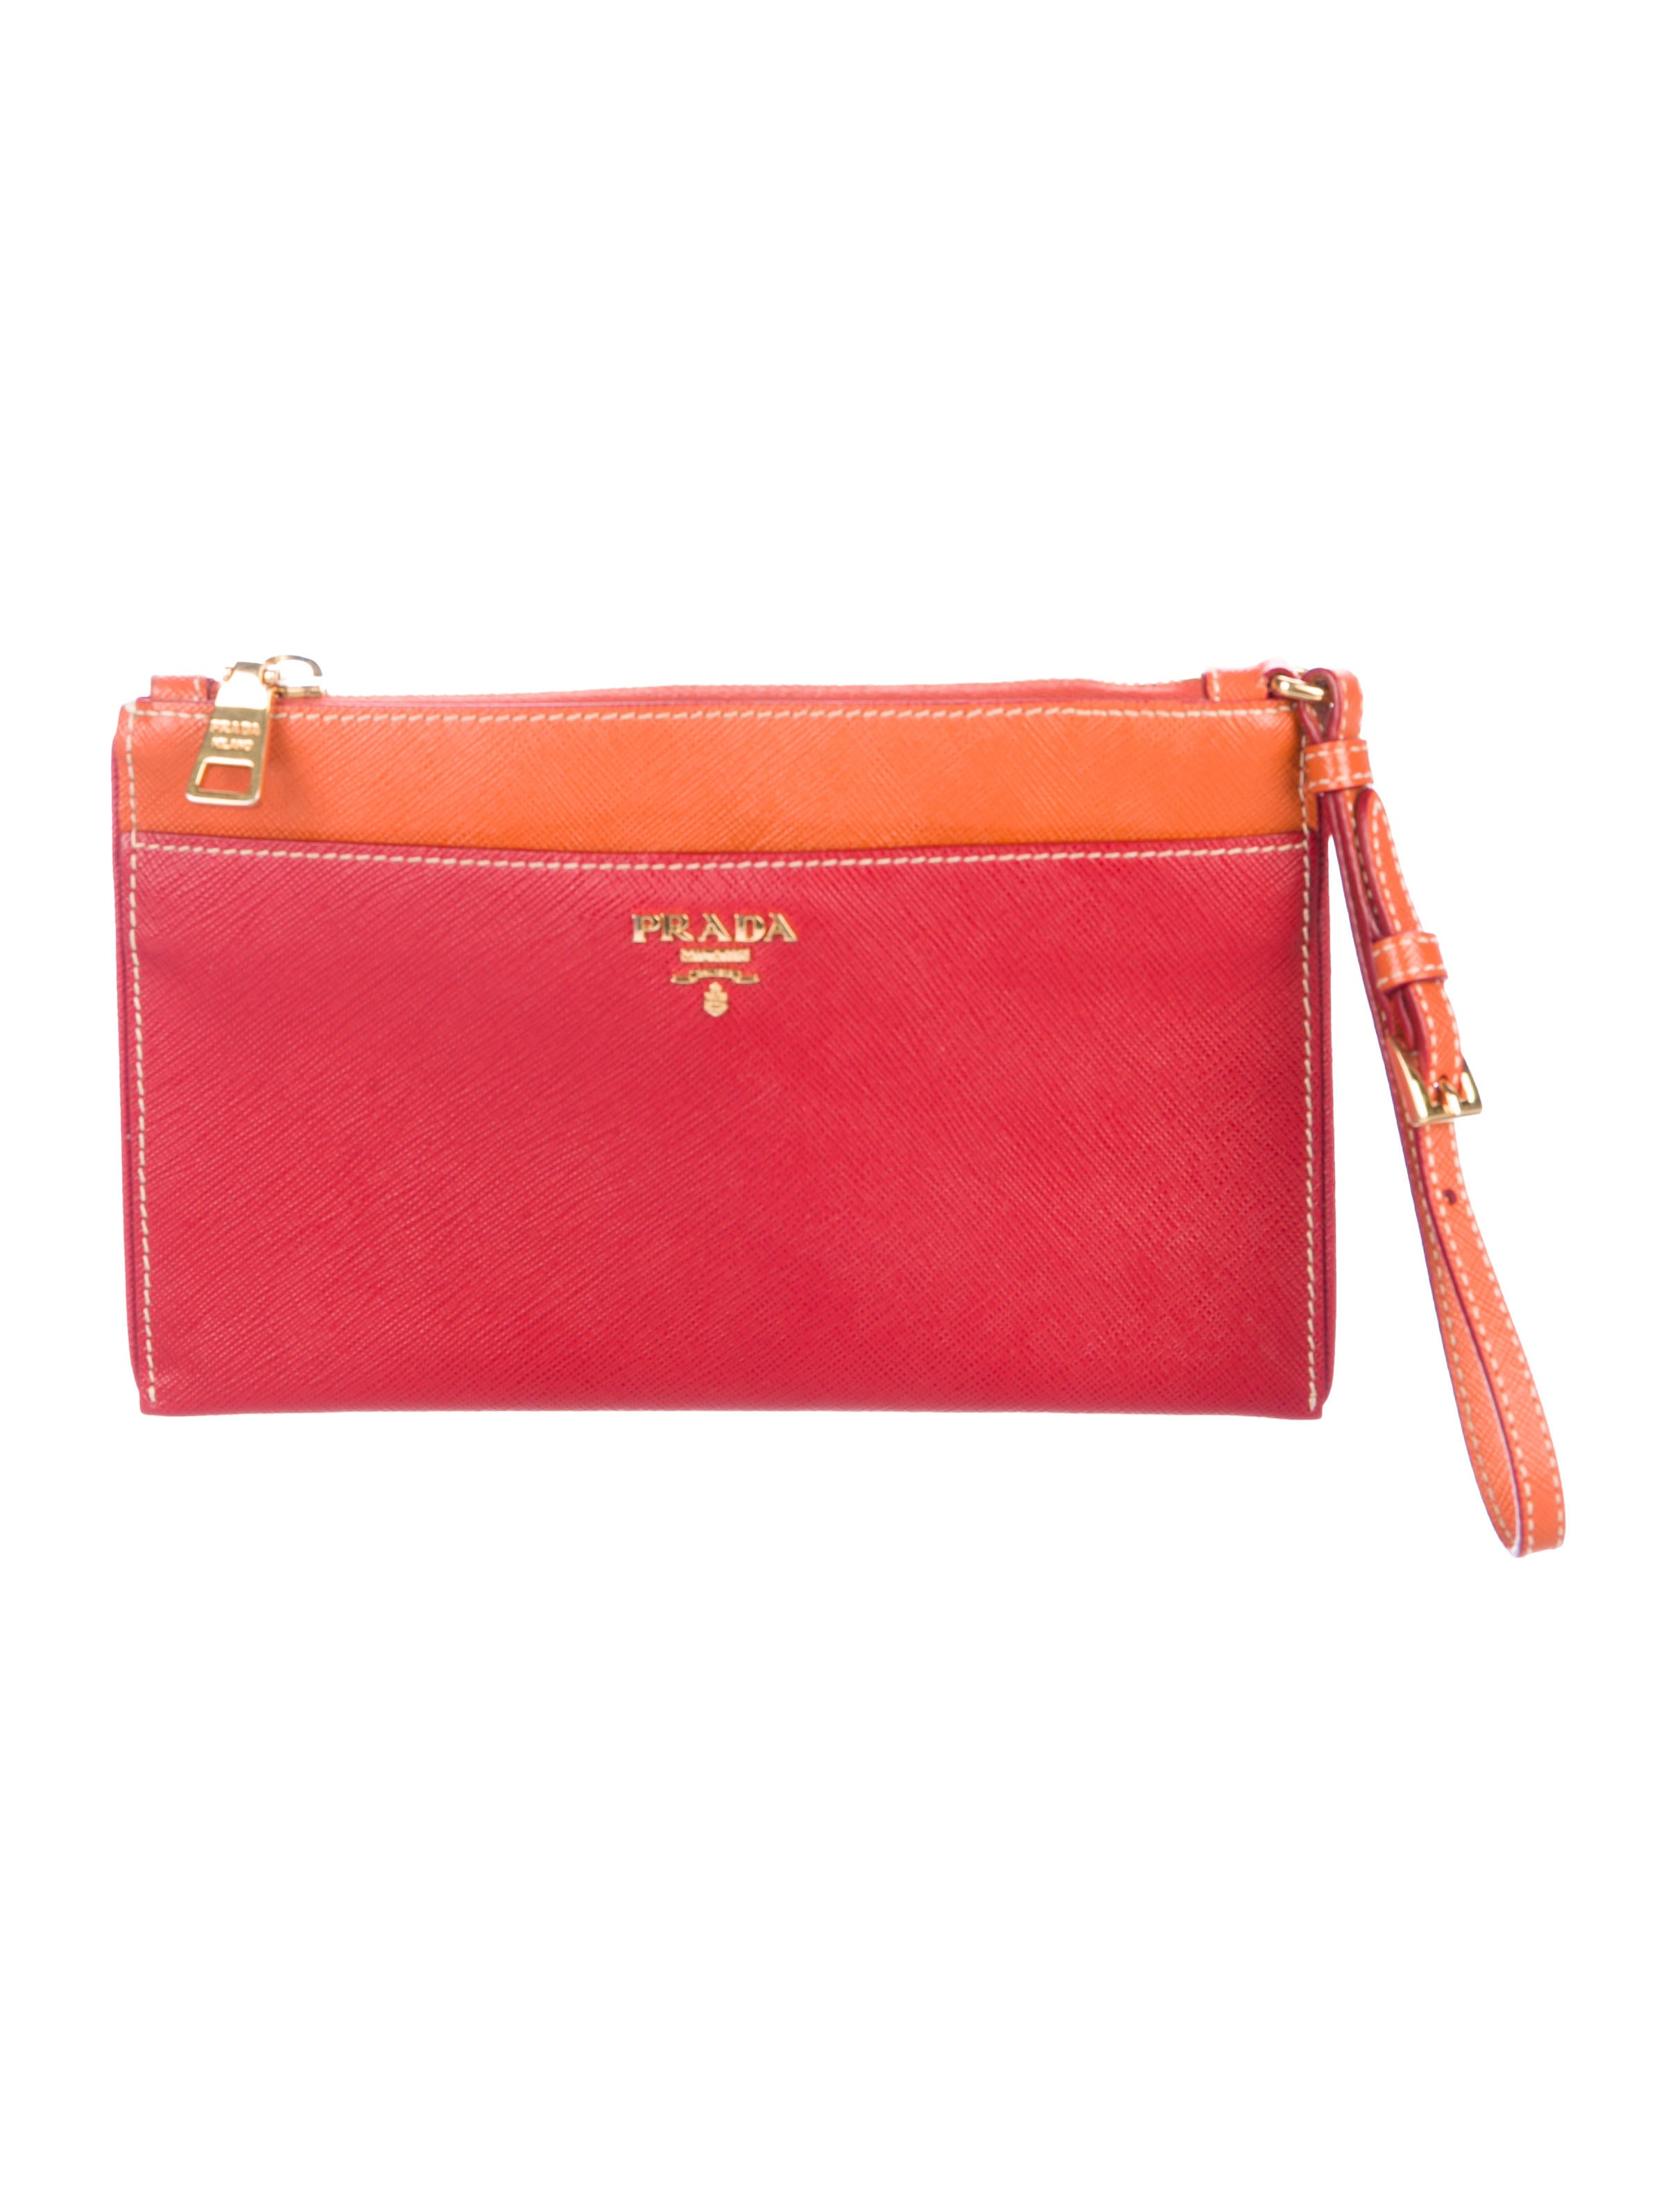 06989c95e1f9 Prada Bicolor Saffiano Wristlet - Handbags - PRA239954 | The RealReal